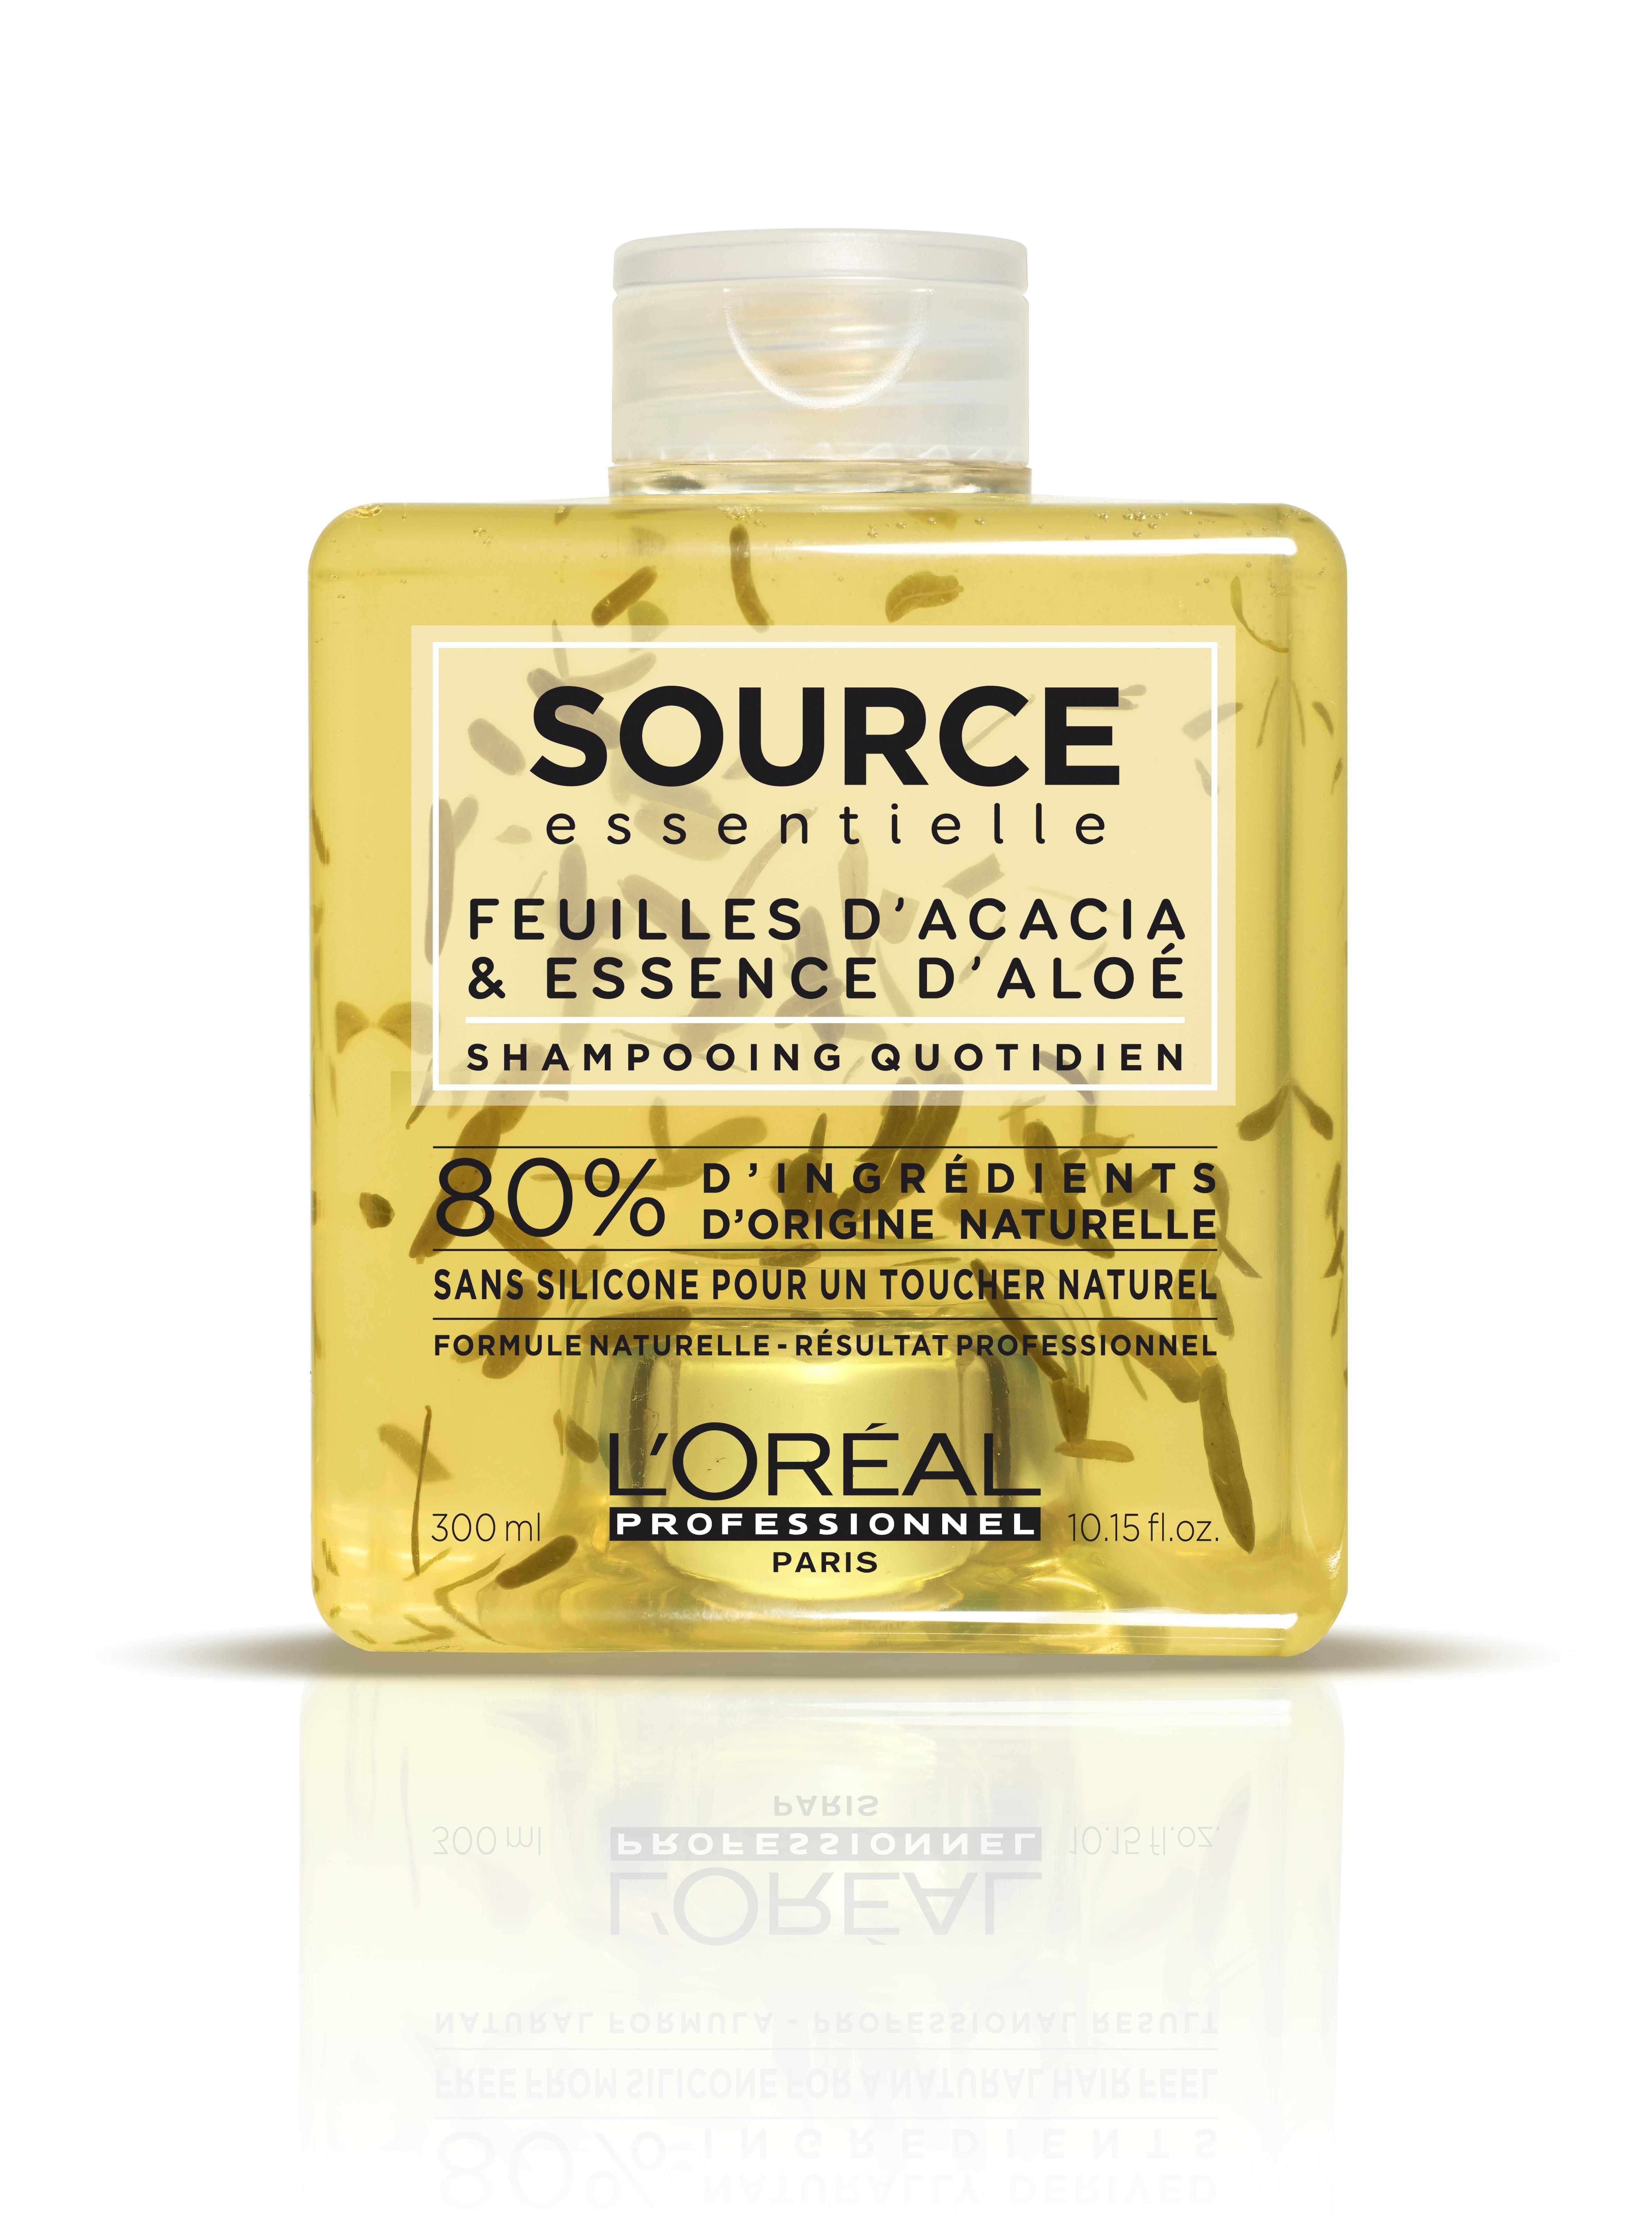 Купить LOREAL PROFESSIONNEL Шампунь для всех типов волос ежедневного применения / La Source DAILY SHAMPOO 300 мл